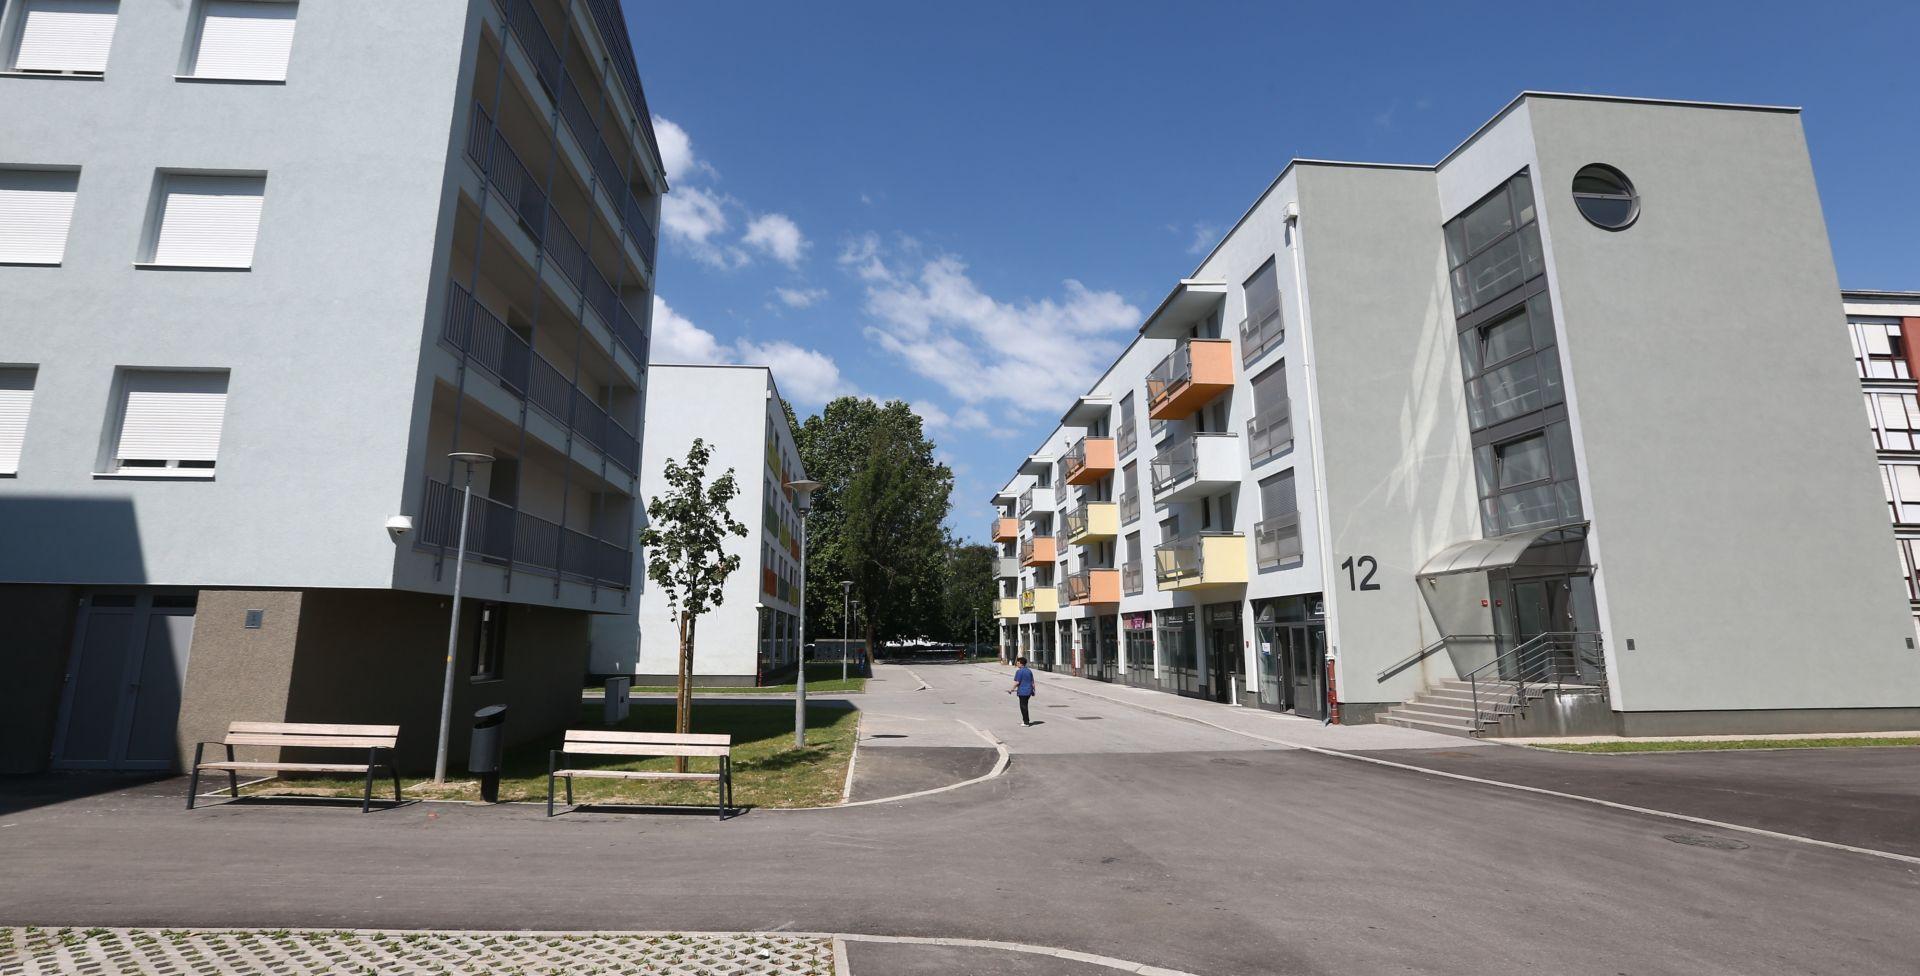 Završena obnova studentskih domova Stjepan Radić i Cvjetno naselje u Zagrebu